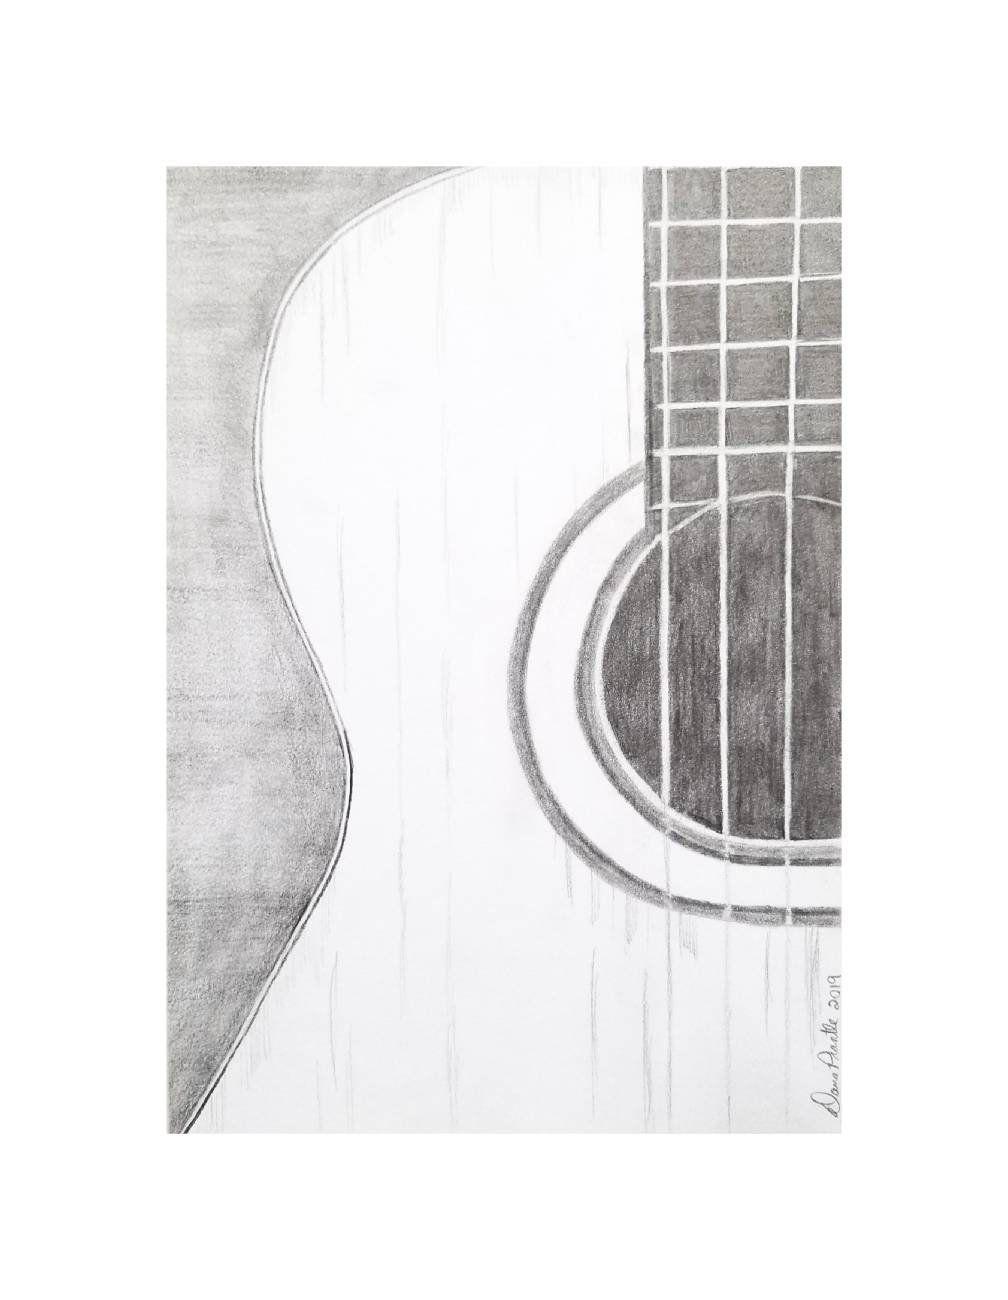 Acoustic Guitar Graphite Pencil Drawing Guitar Sketch Guitar Art Music Drawing Music Art Guitar Wall Art Guitar Guitar Wall Art Guitar Art Music Drawings